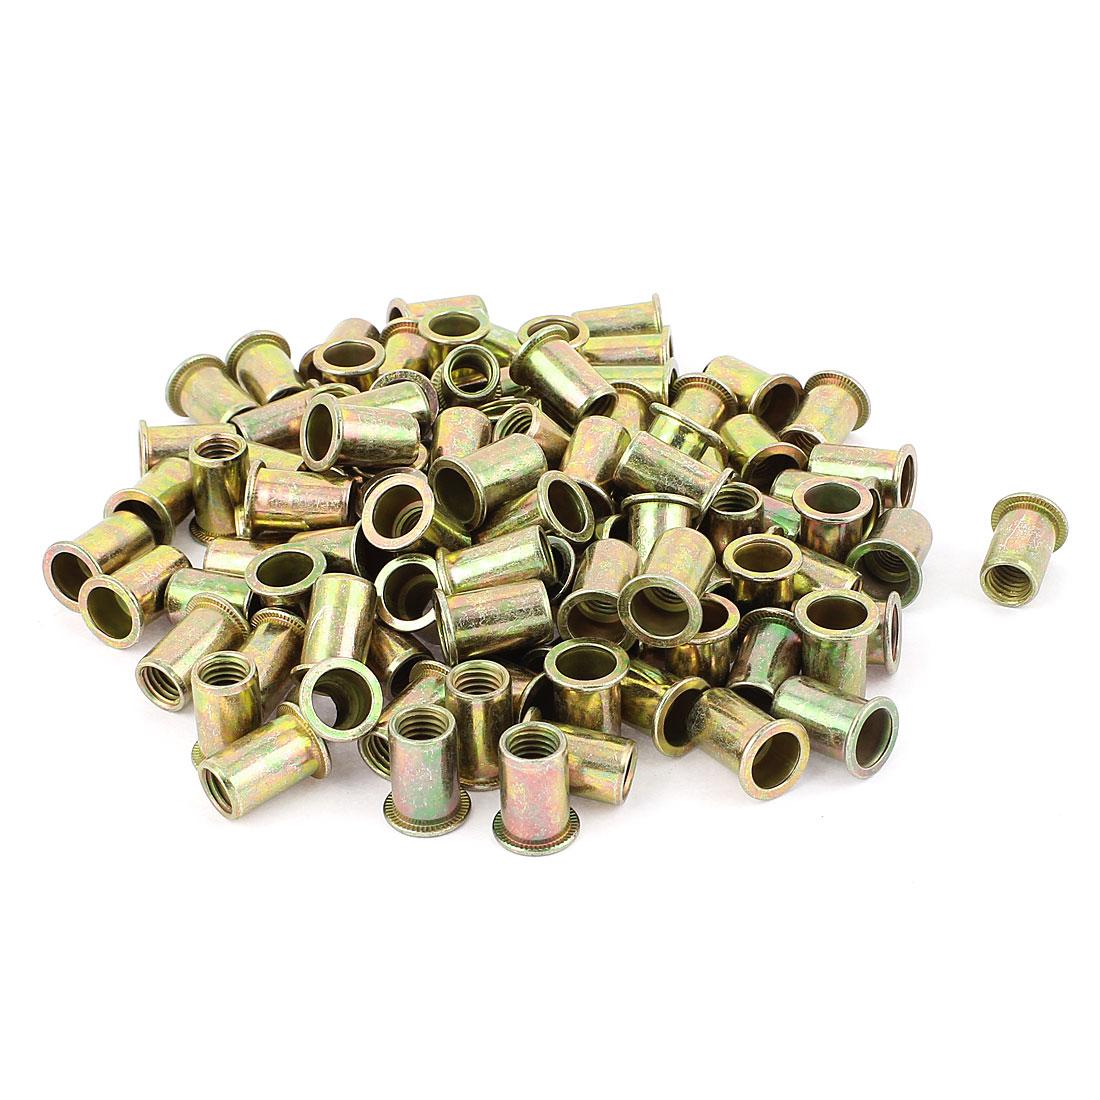 10mm Thread Dia Zinc Plated Rivet Nut Insert Nutsert Brass Tone 100Pcs